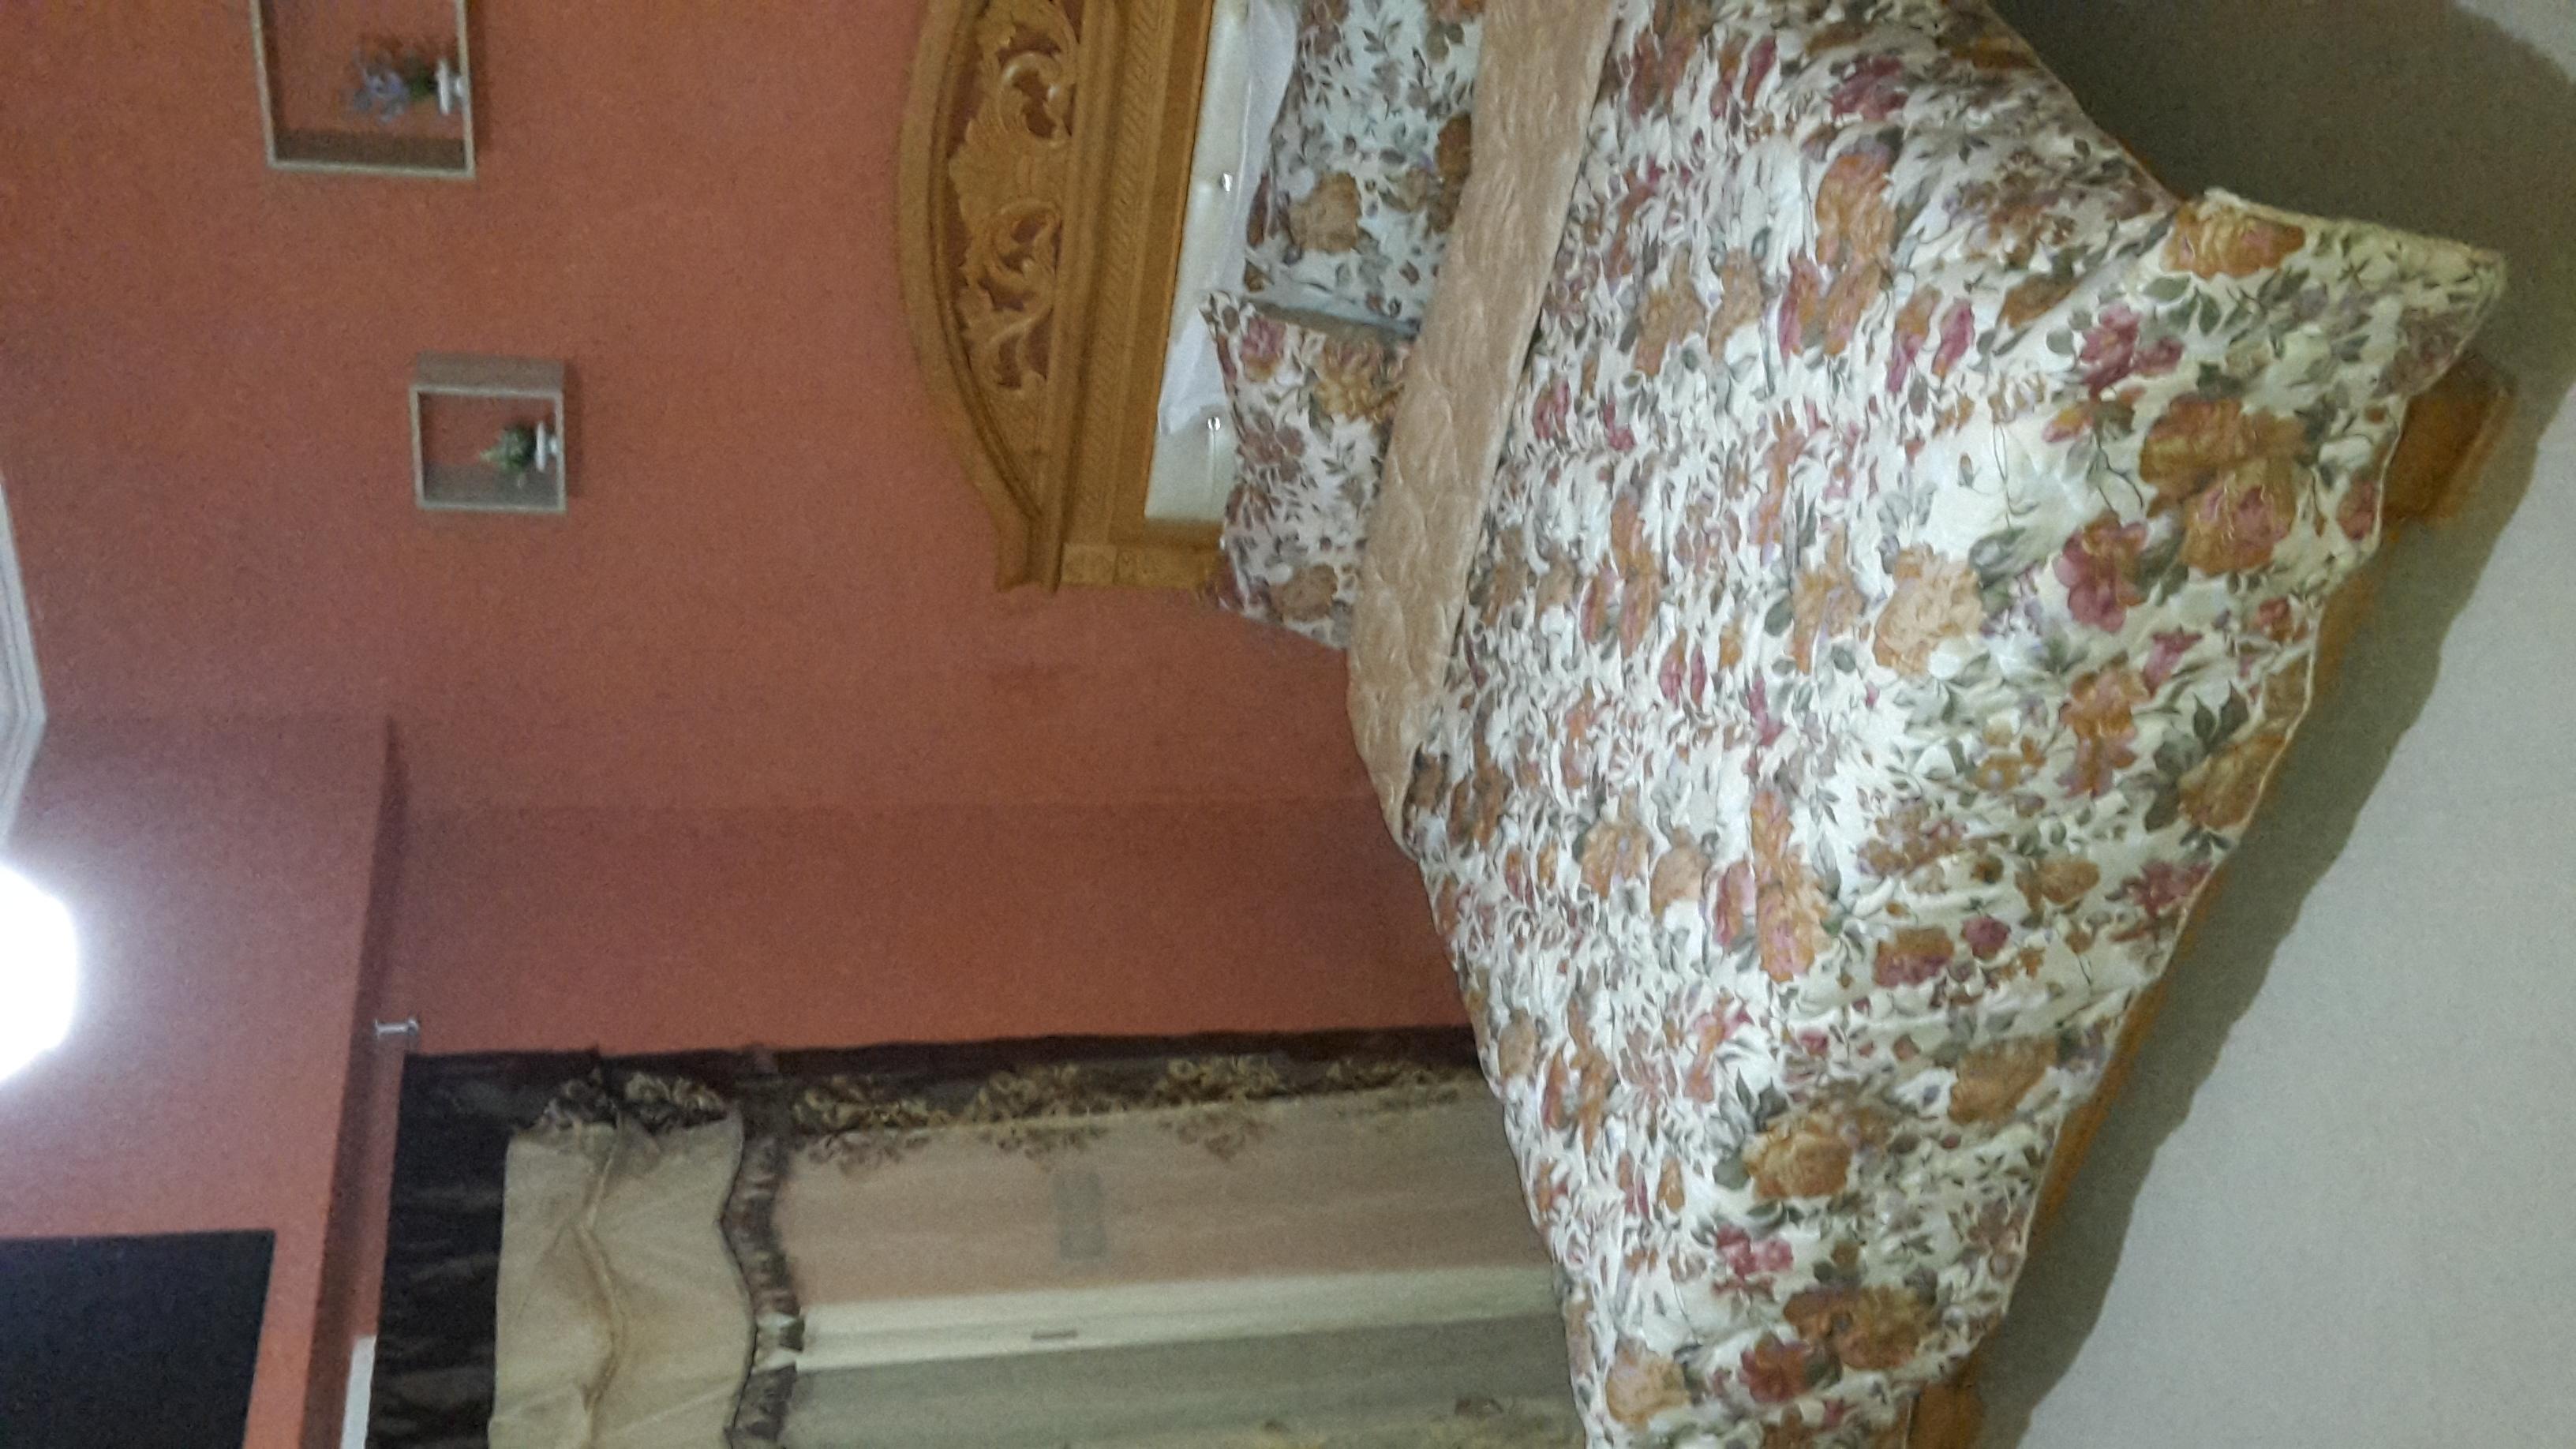 Image appartement de vacances haut standing à NOVA BEACH Village - Résidence balnéaire située à sidi rahal 5